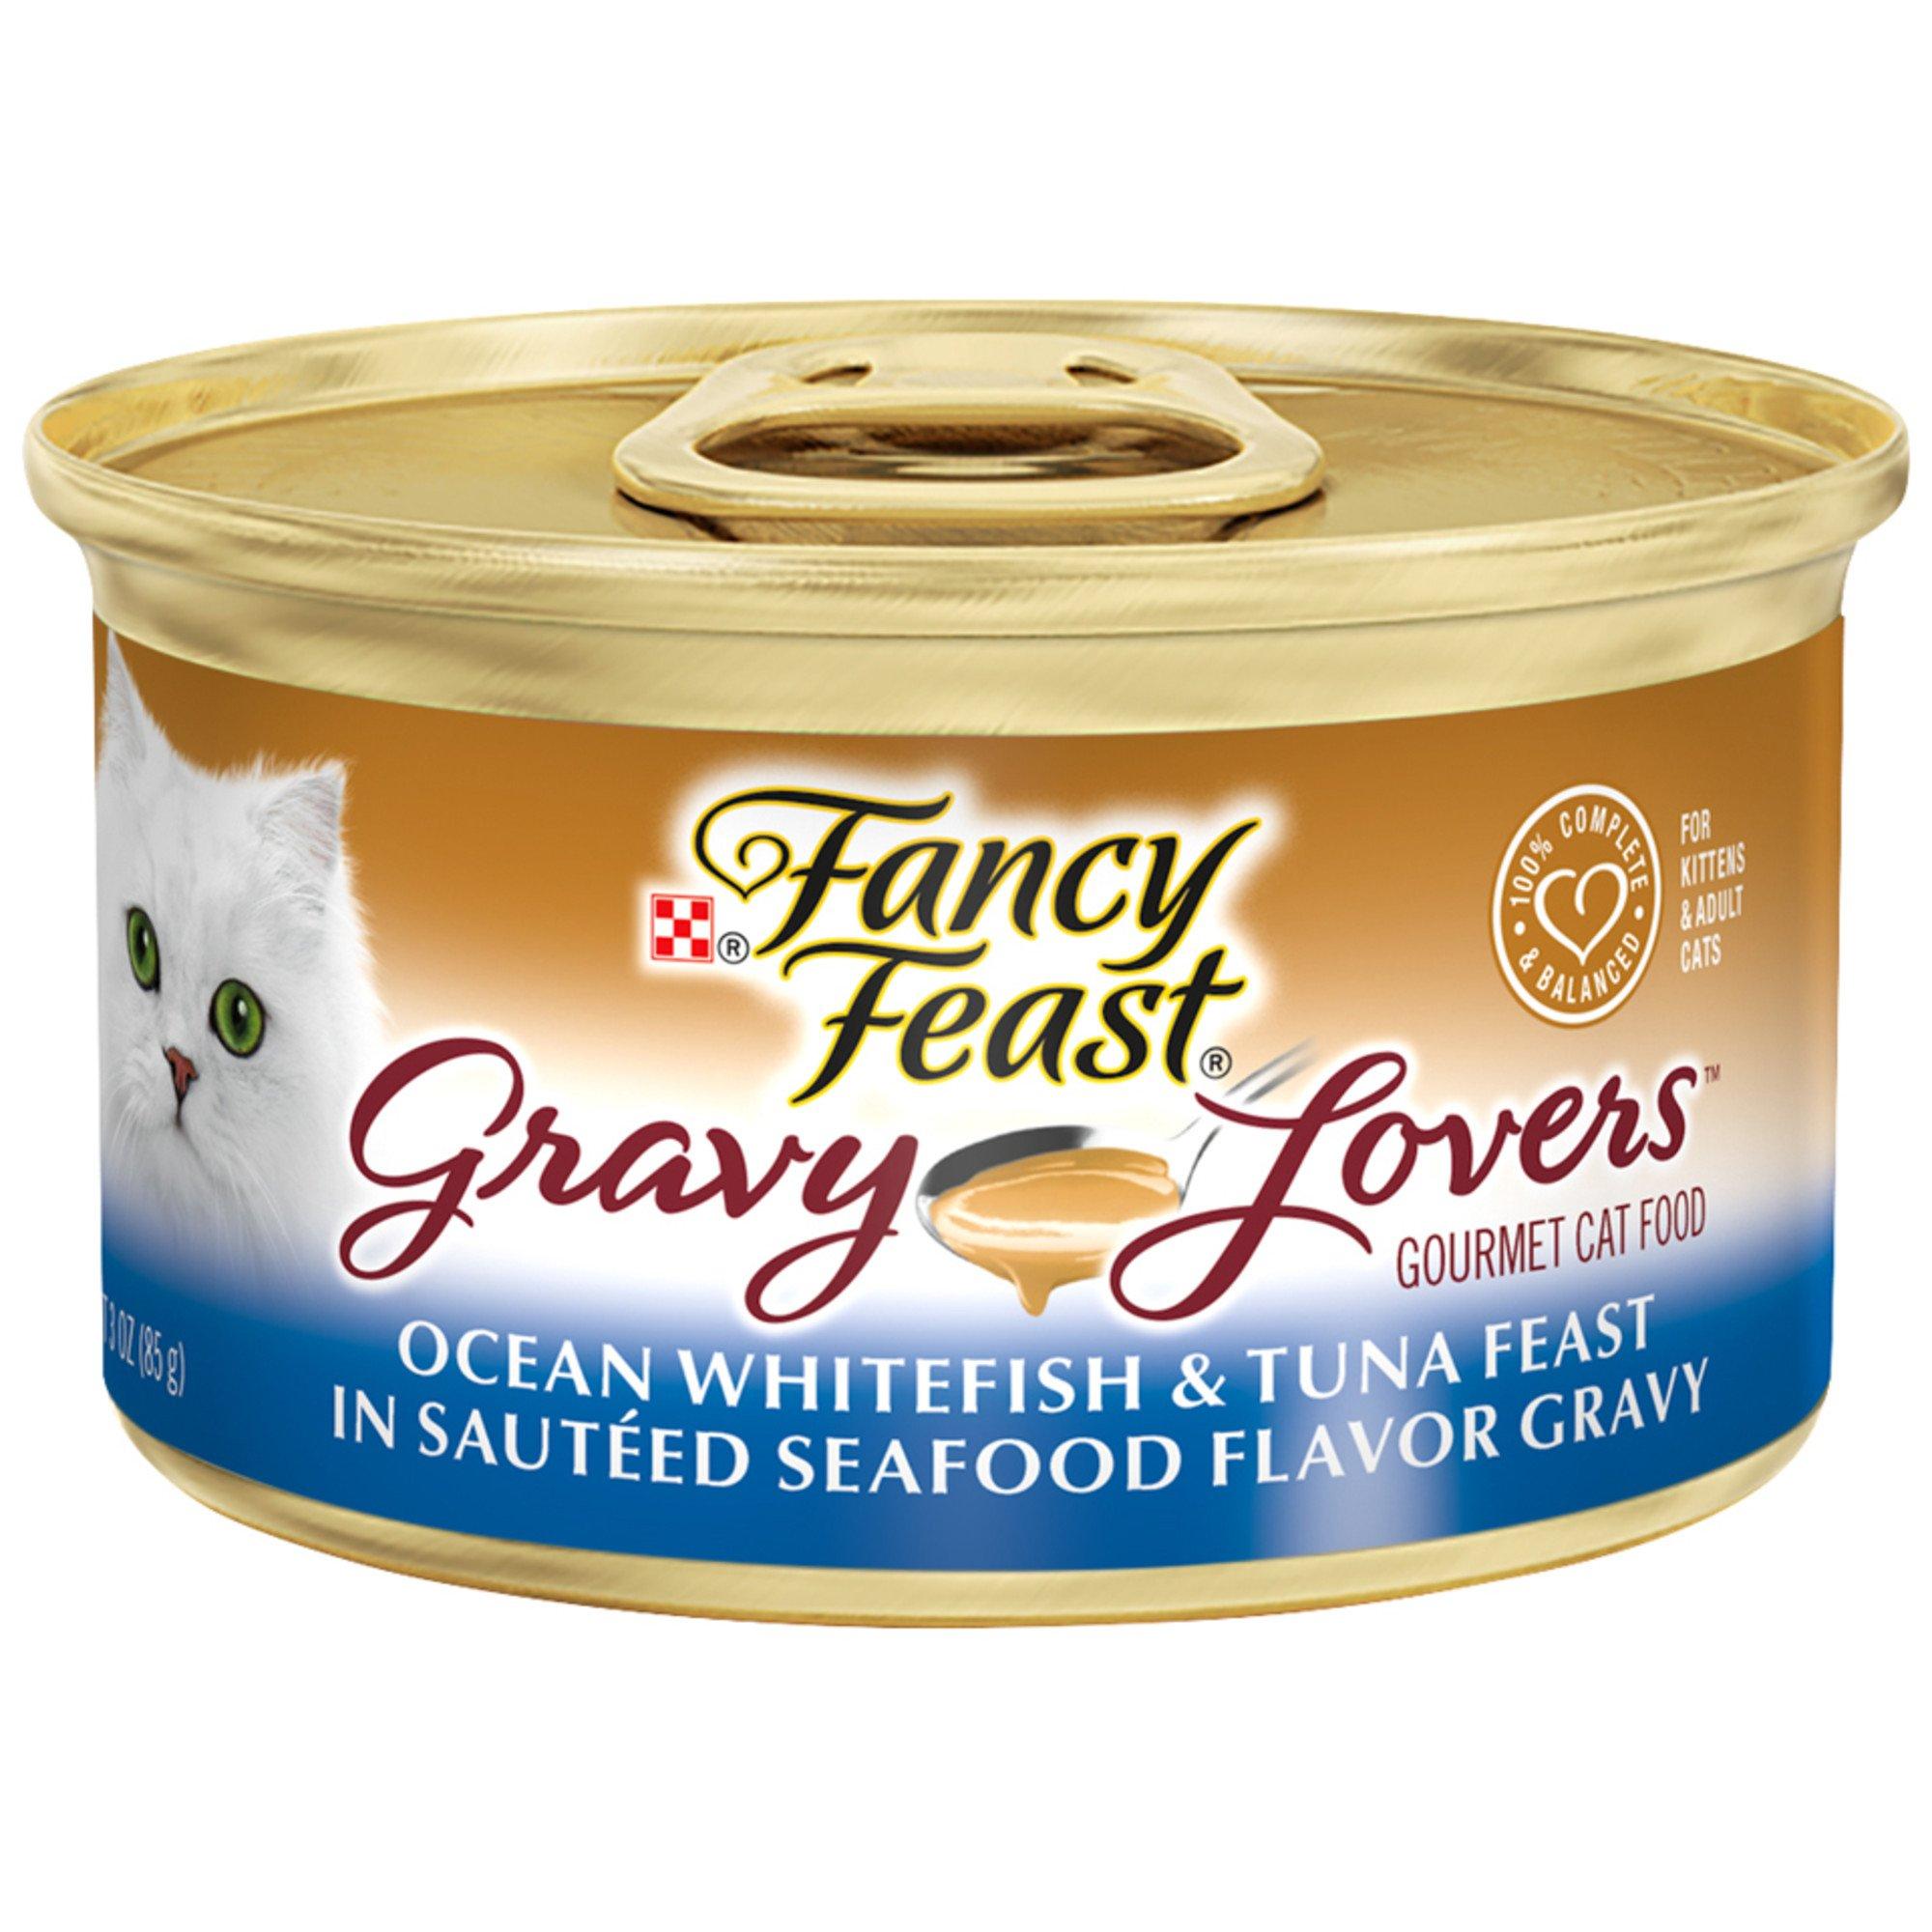 Fancy Feast Gravy Lovers Gourmet Canned Cat Food Ocean